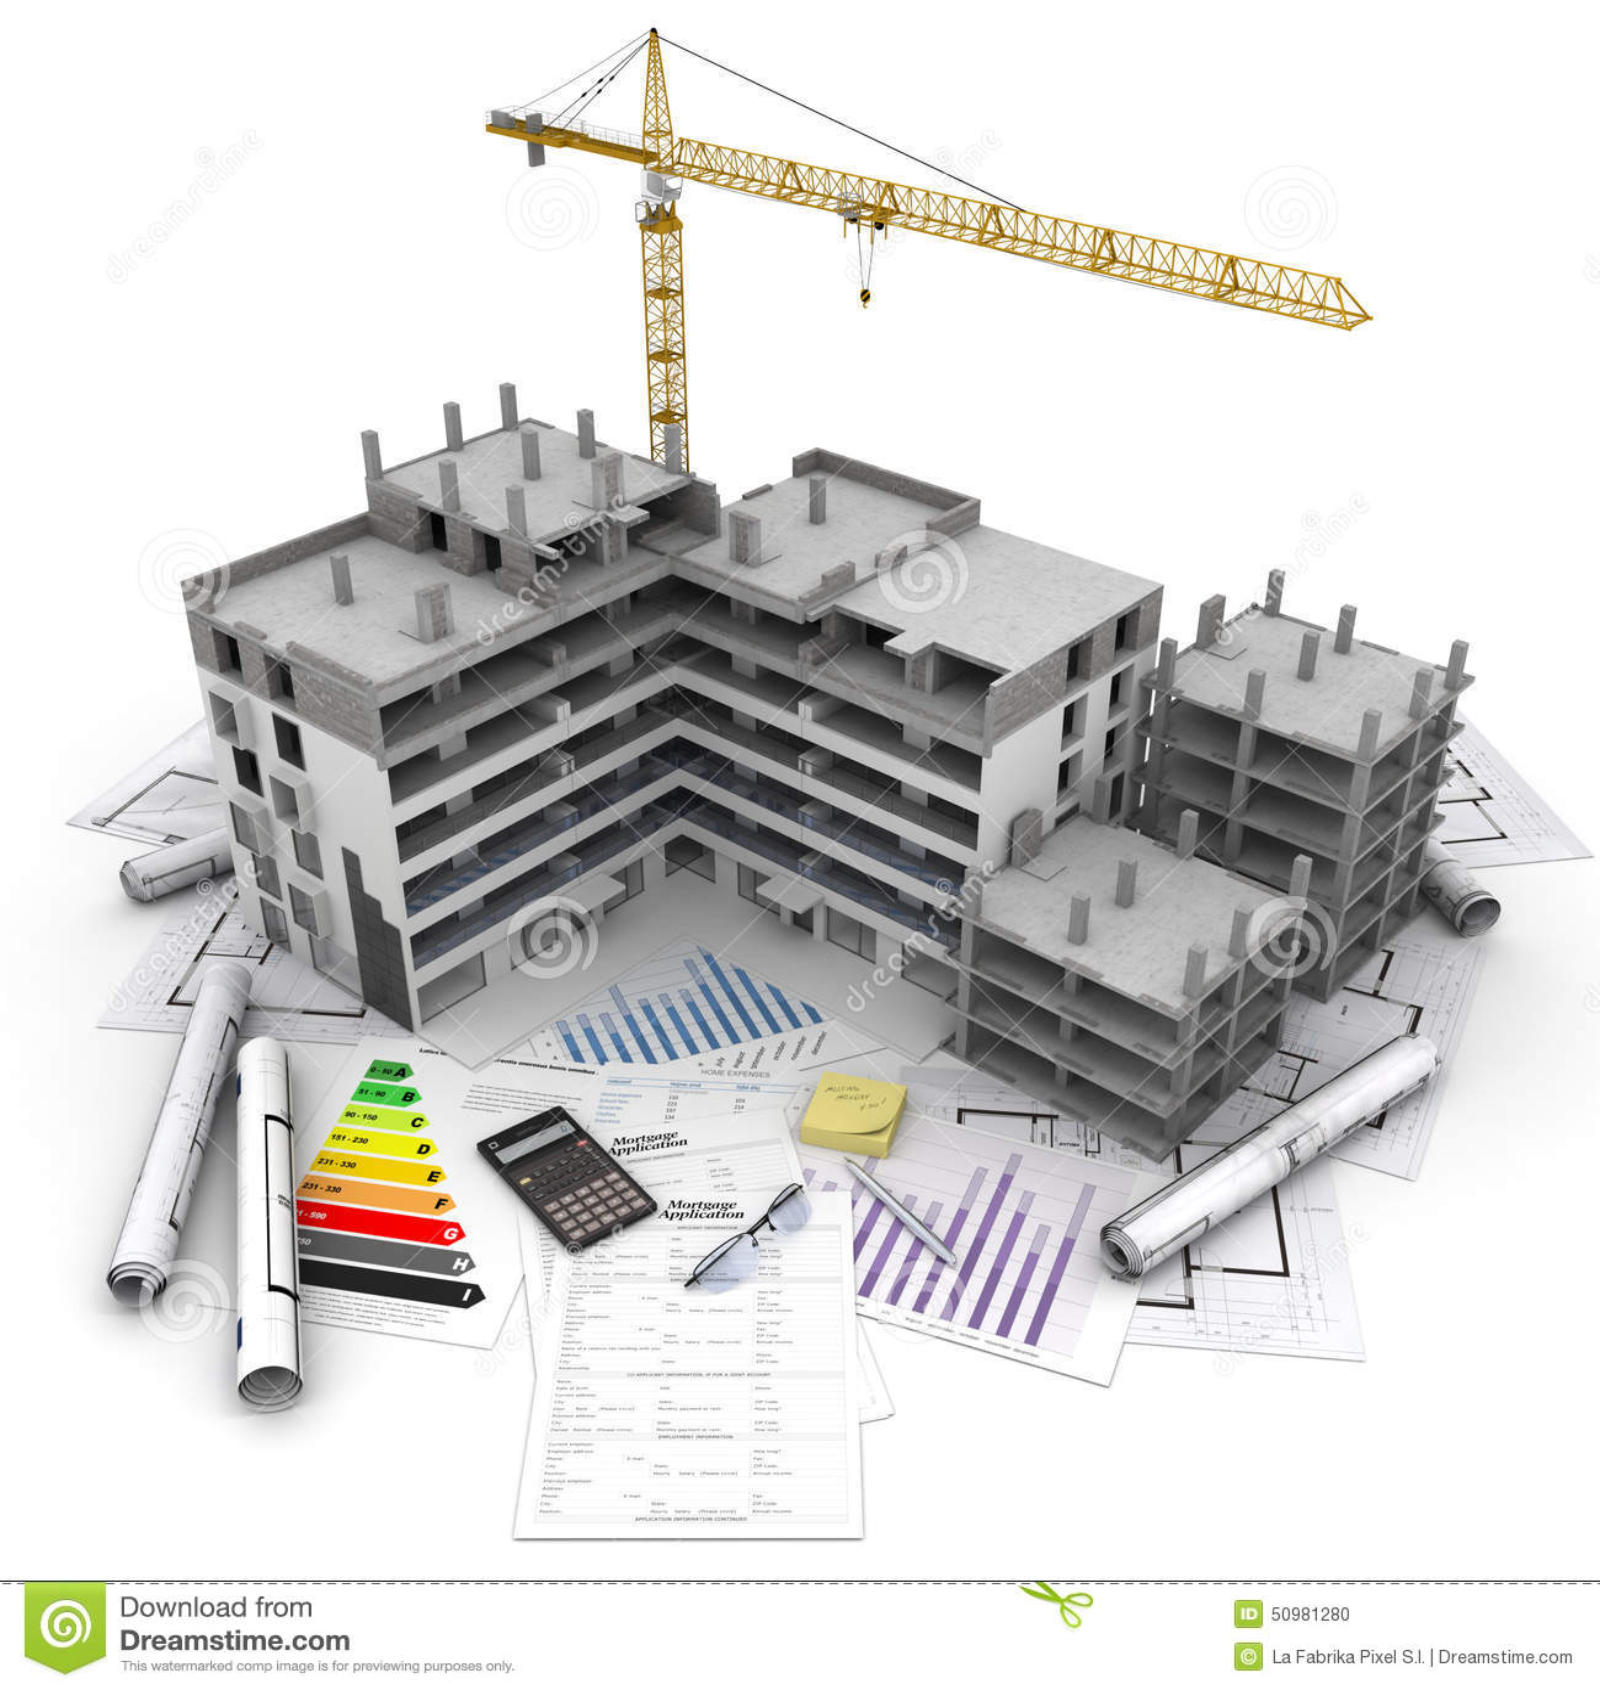 Vista geral do projeto de construção